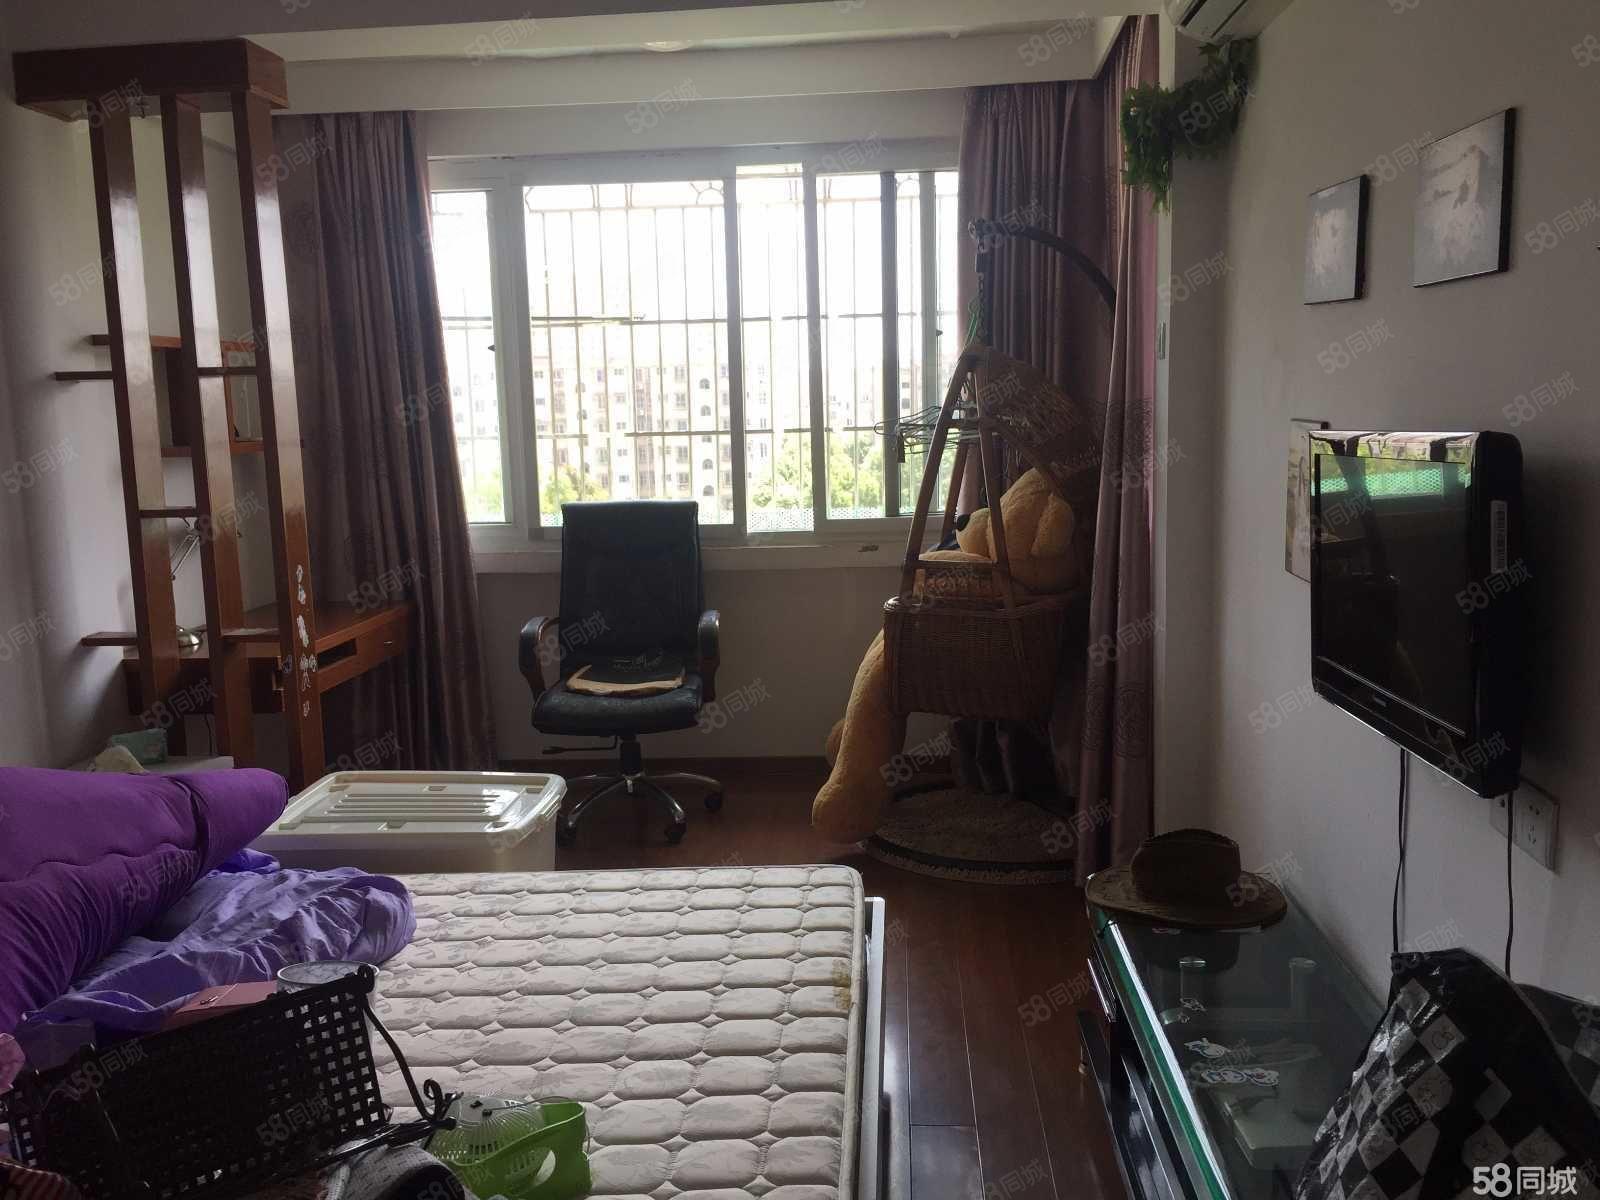 环城南路桔园南区婚房两室家电齐全南北通透拎包入住